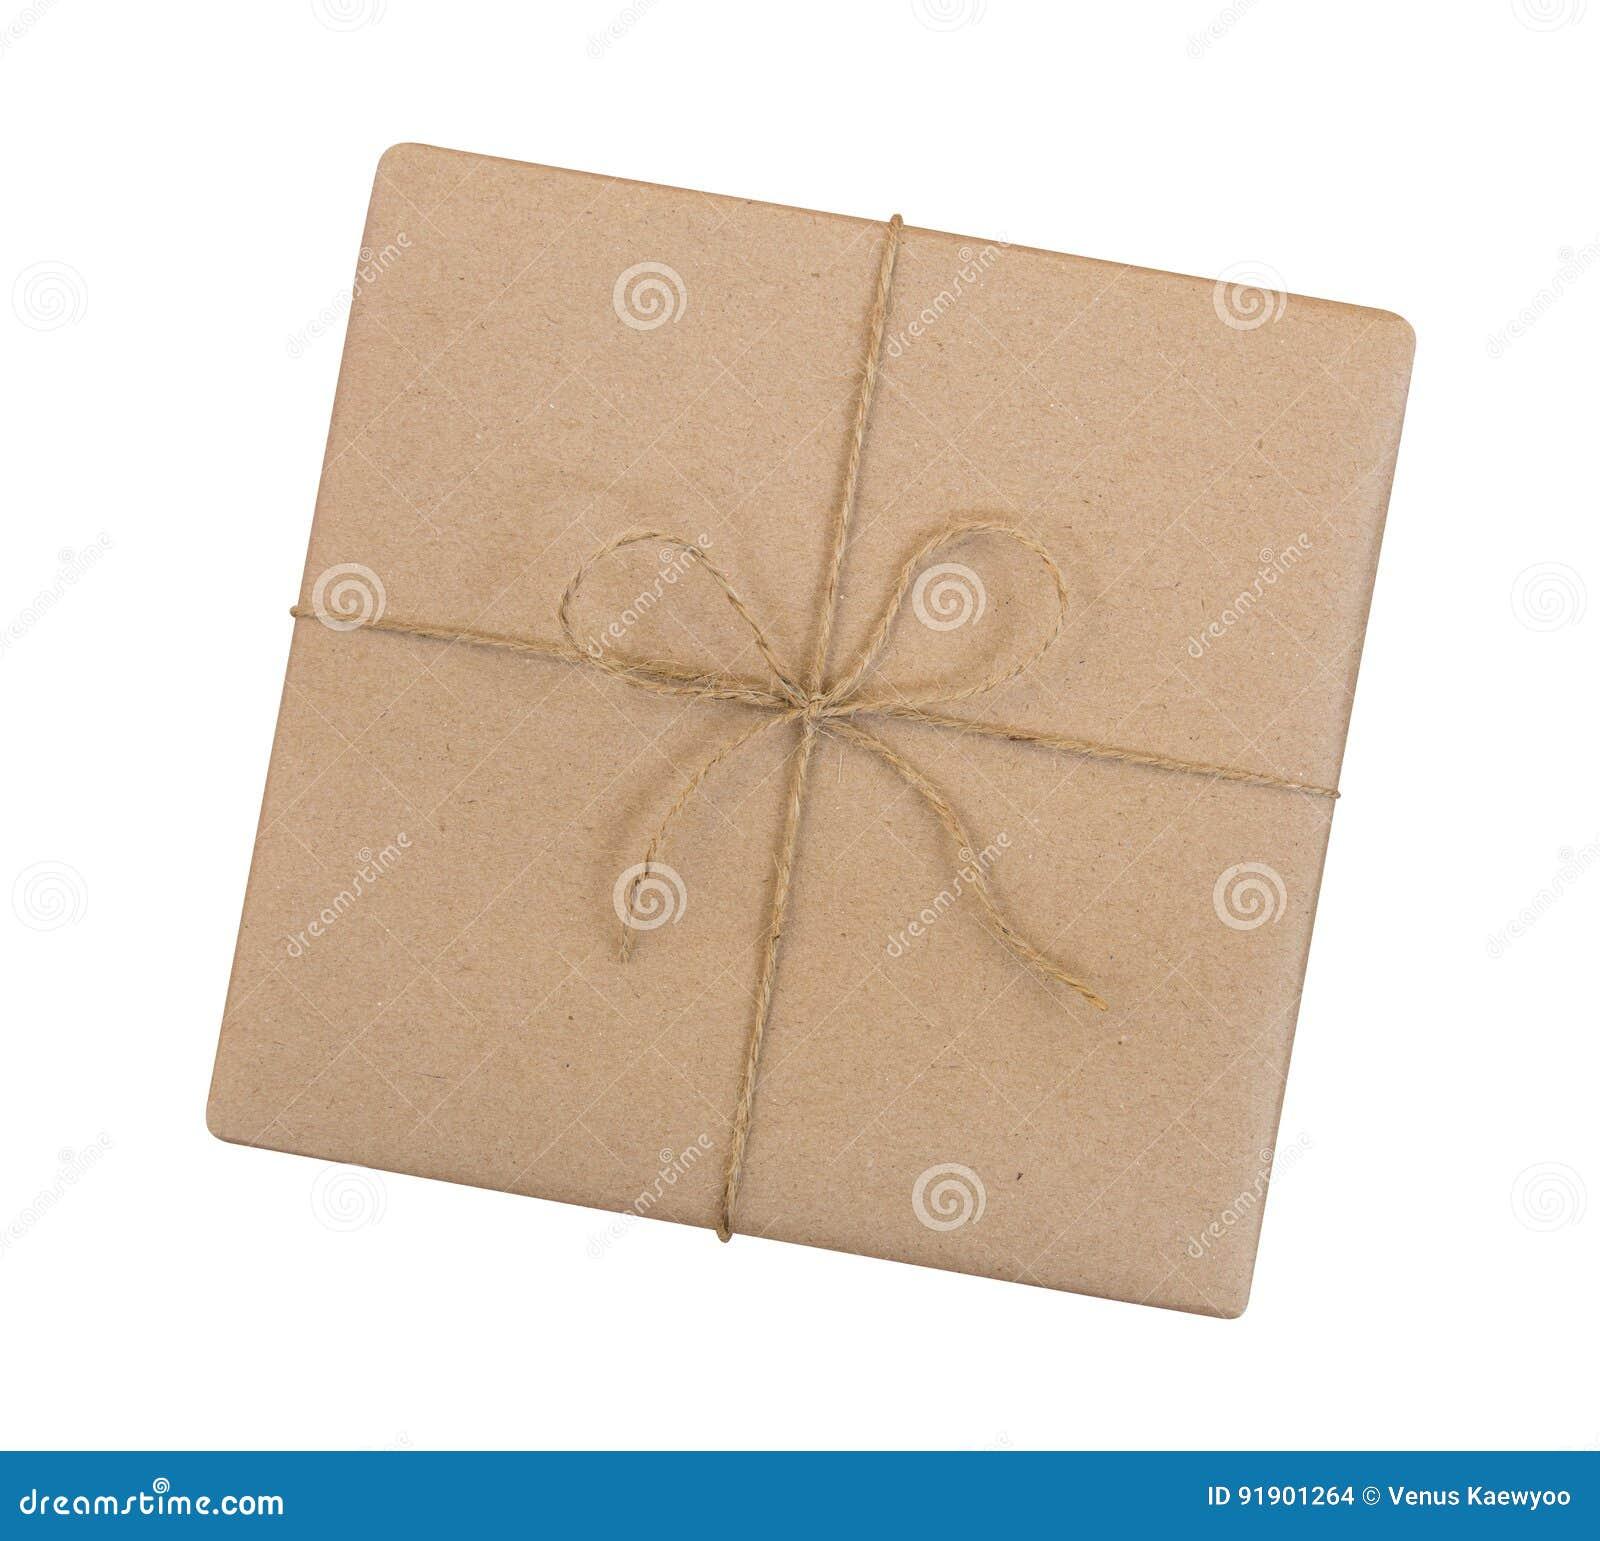 Το κιβώτιο δώρων τύλιξε στο καφετί ανακυκλωμένο έγγραφο και έδεσε την κορυφή σχοινιών σάκων